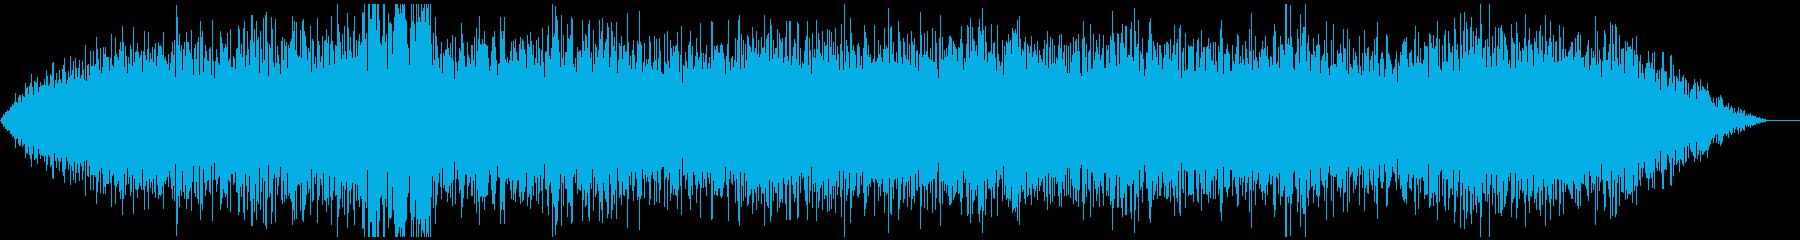 気味が悪いコマンドセンターの音の再生済みの波形